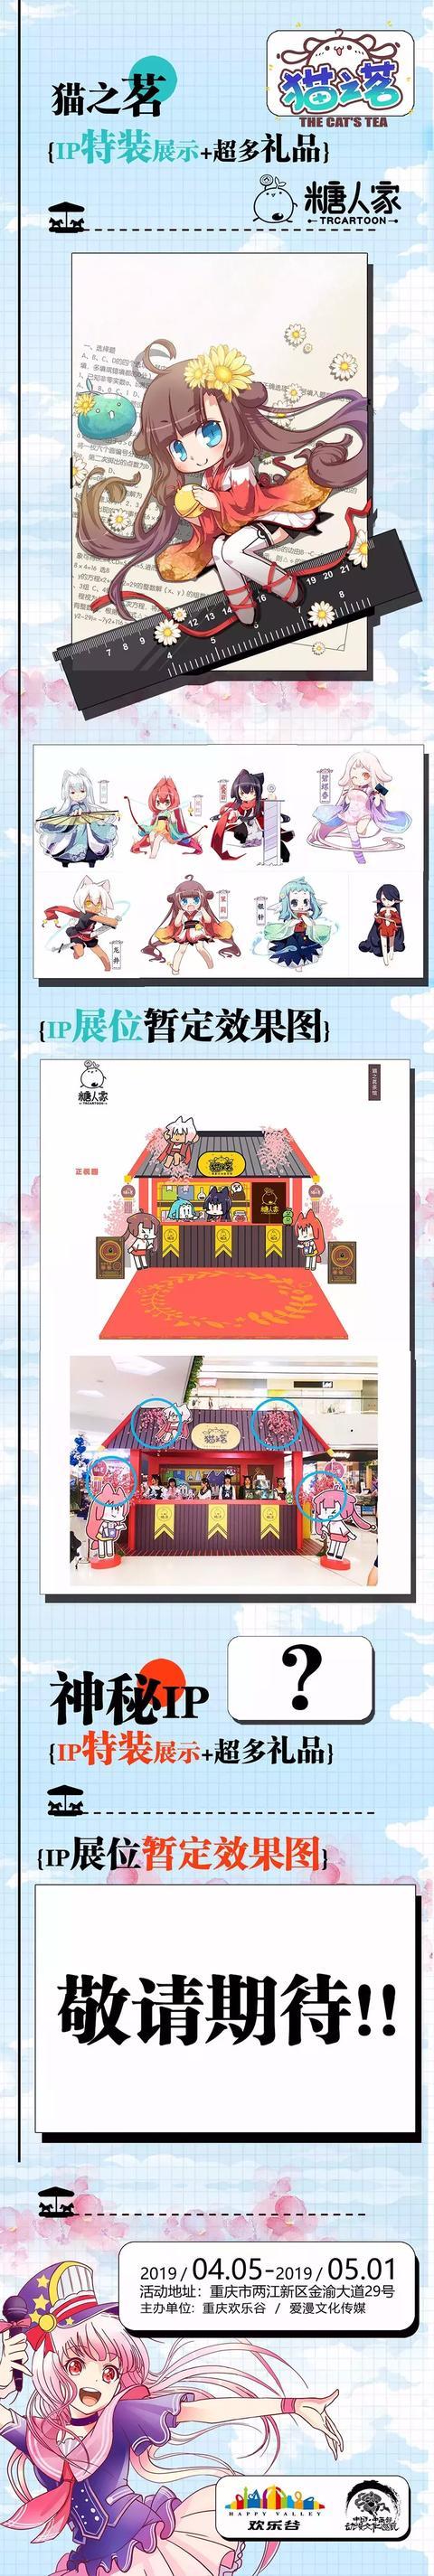 重庆欢乐谷动漫节时间、地点、门票